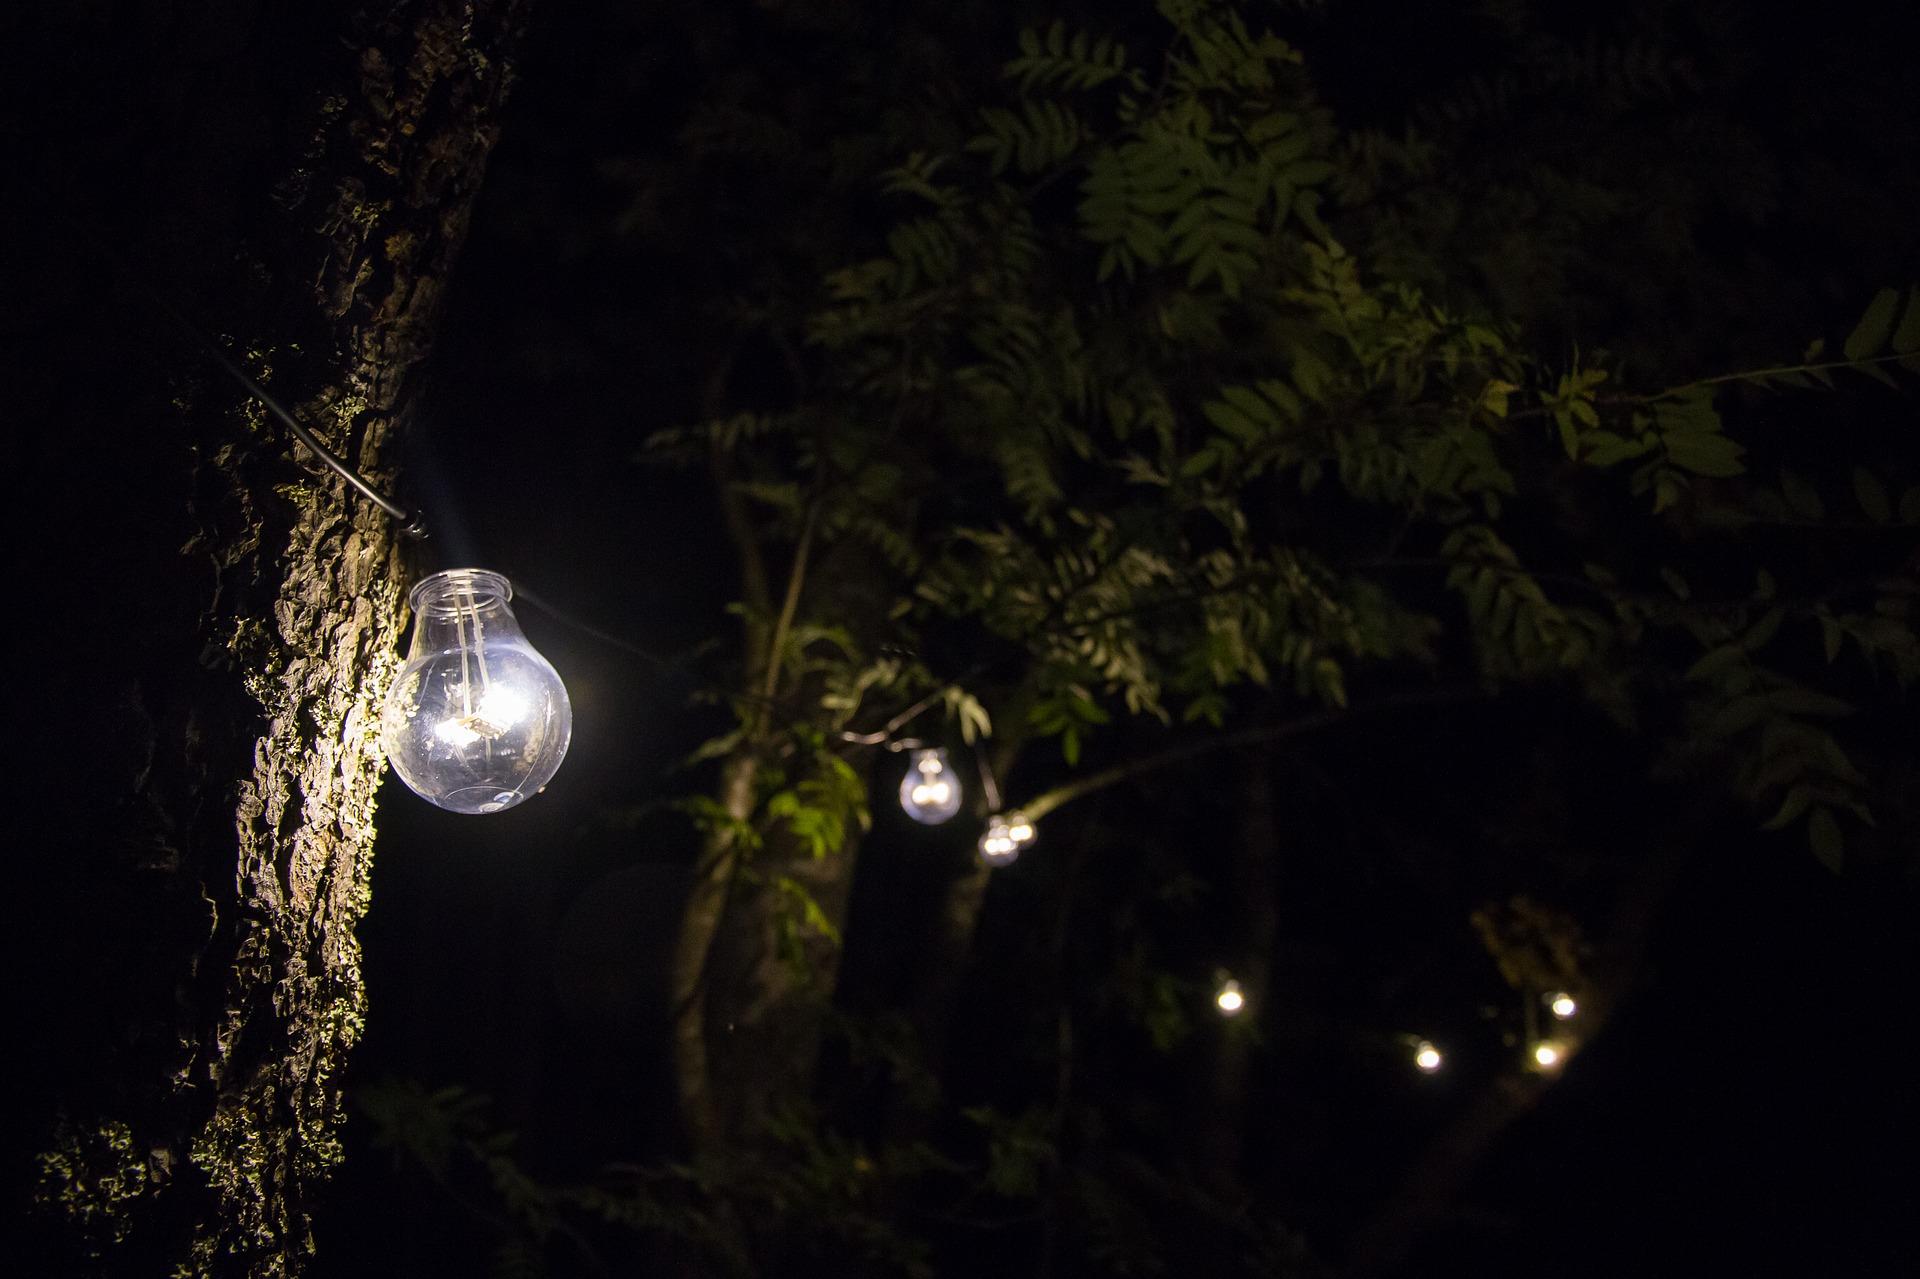 Fotografía de una calle iluminada de noche